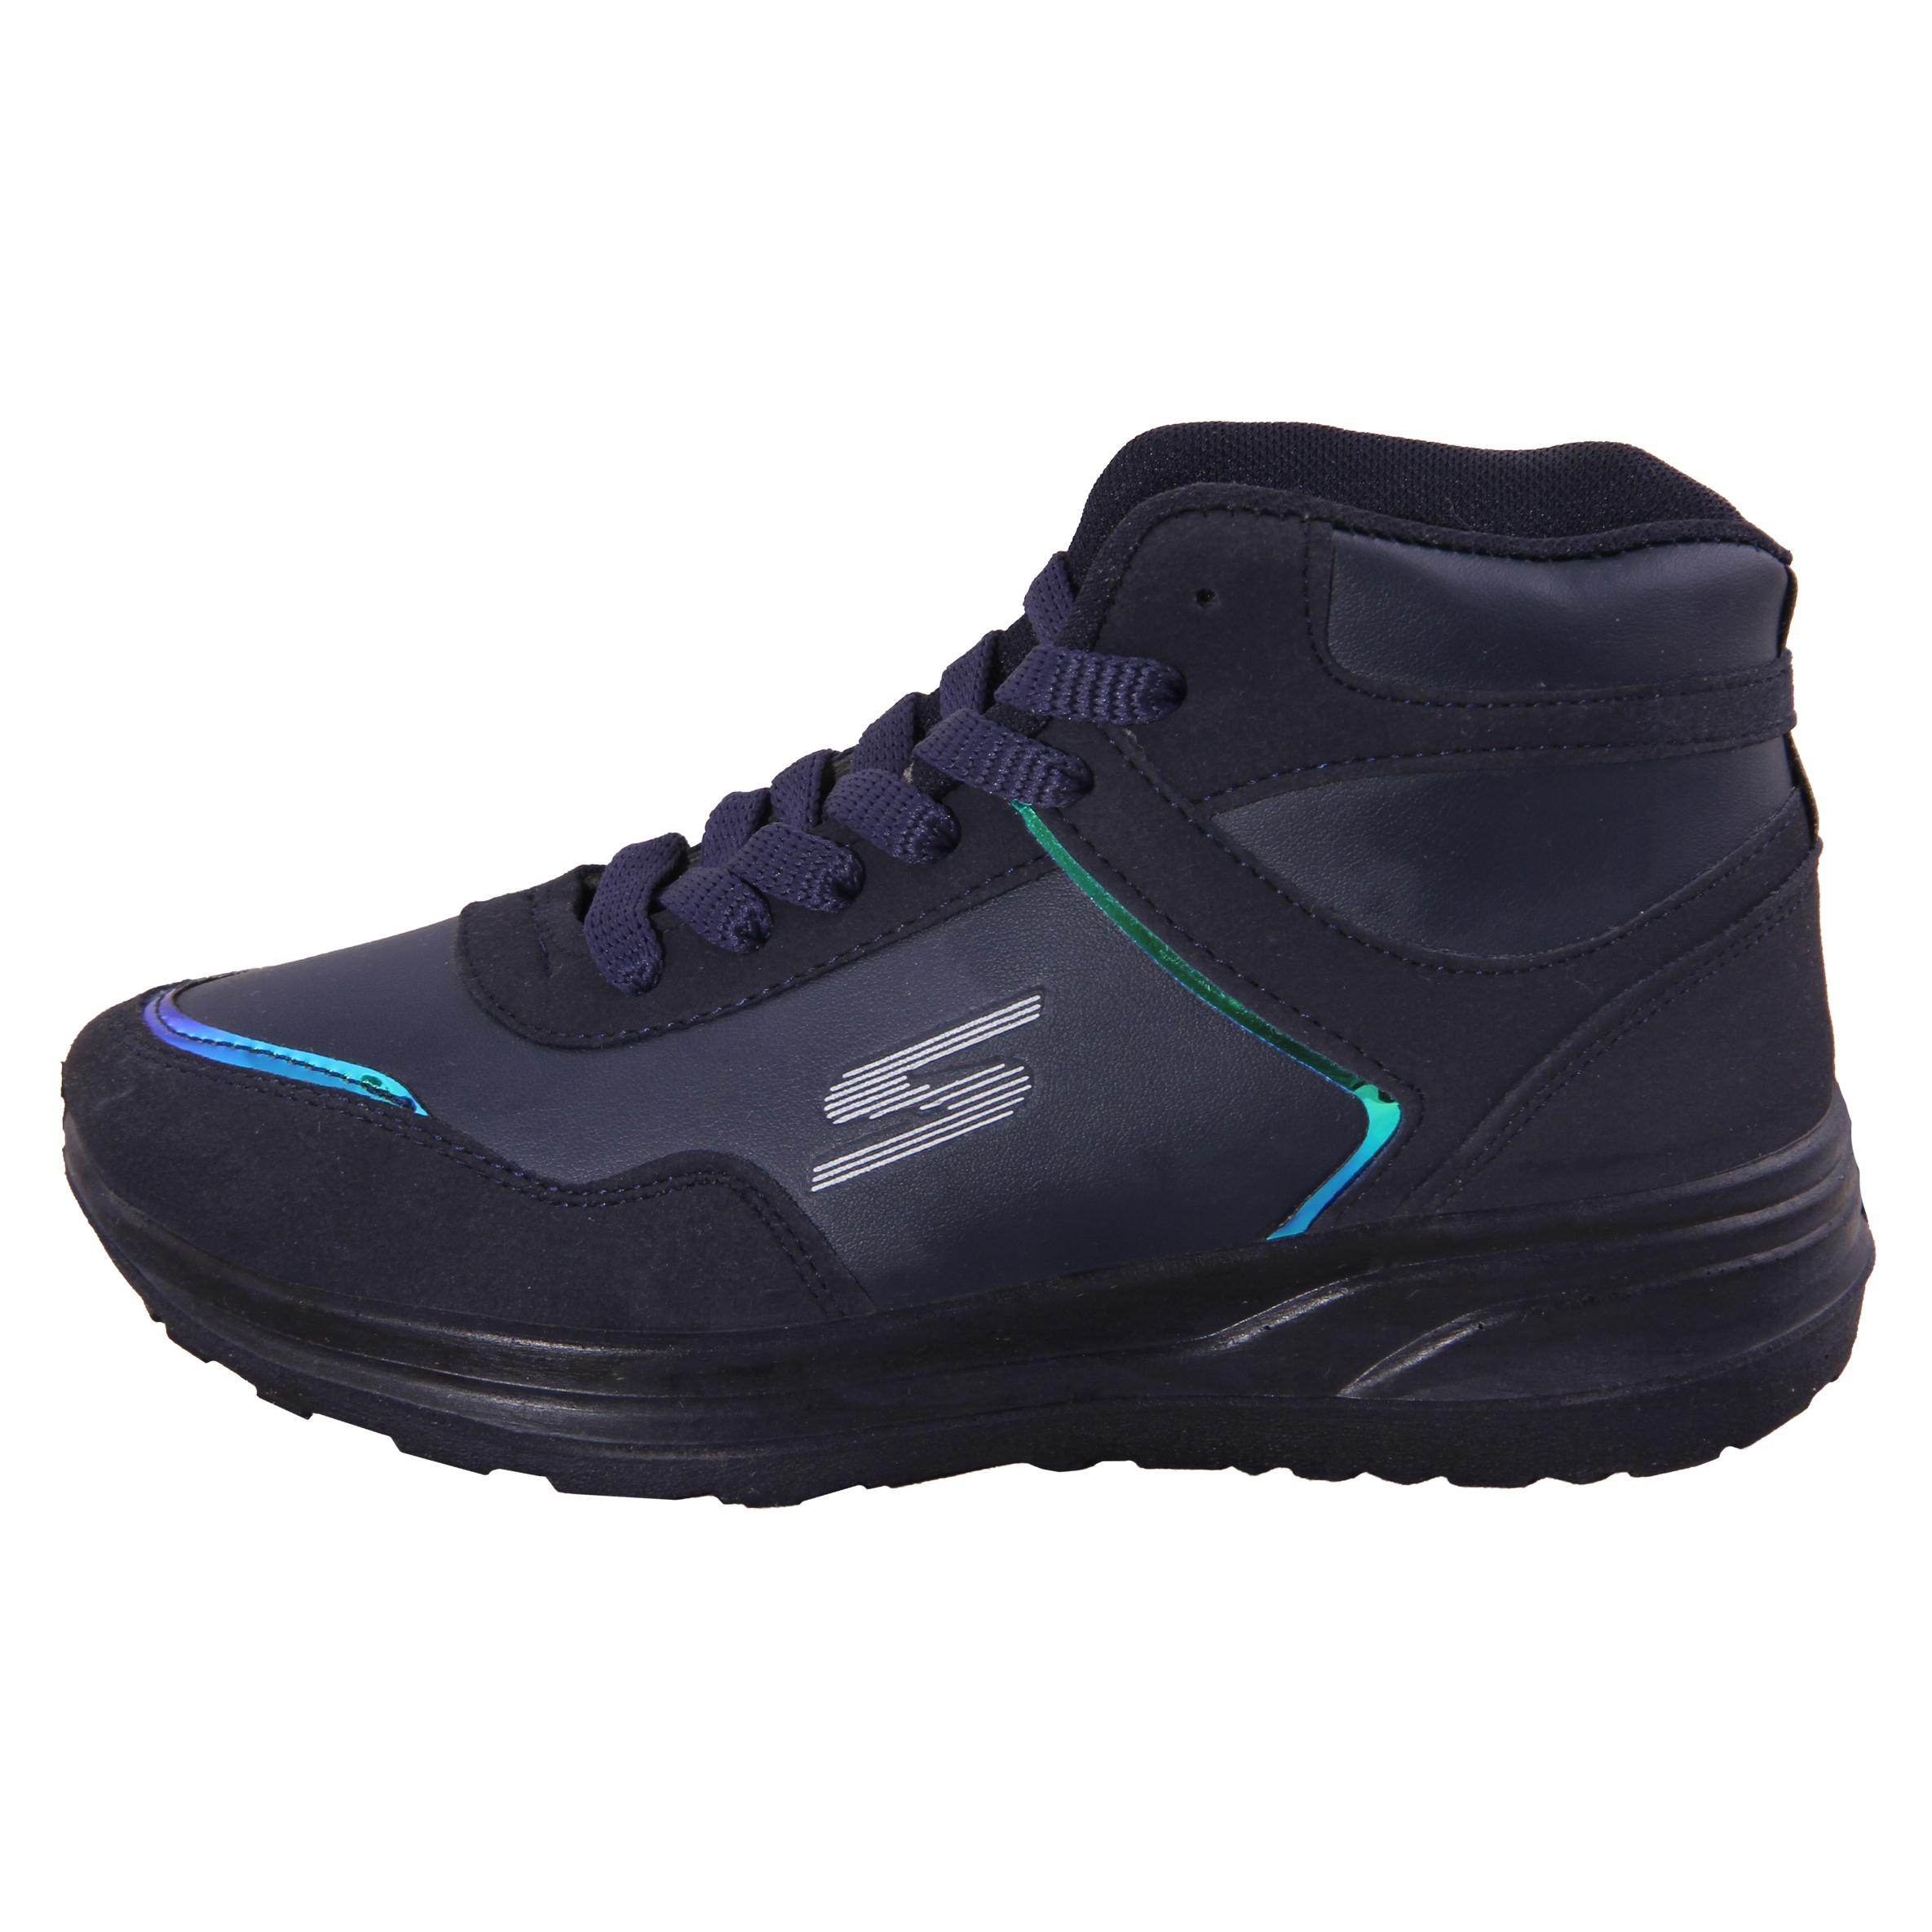 کفش مخصوص پیاده روی زنانه کد 13-39851